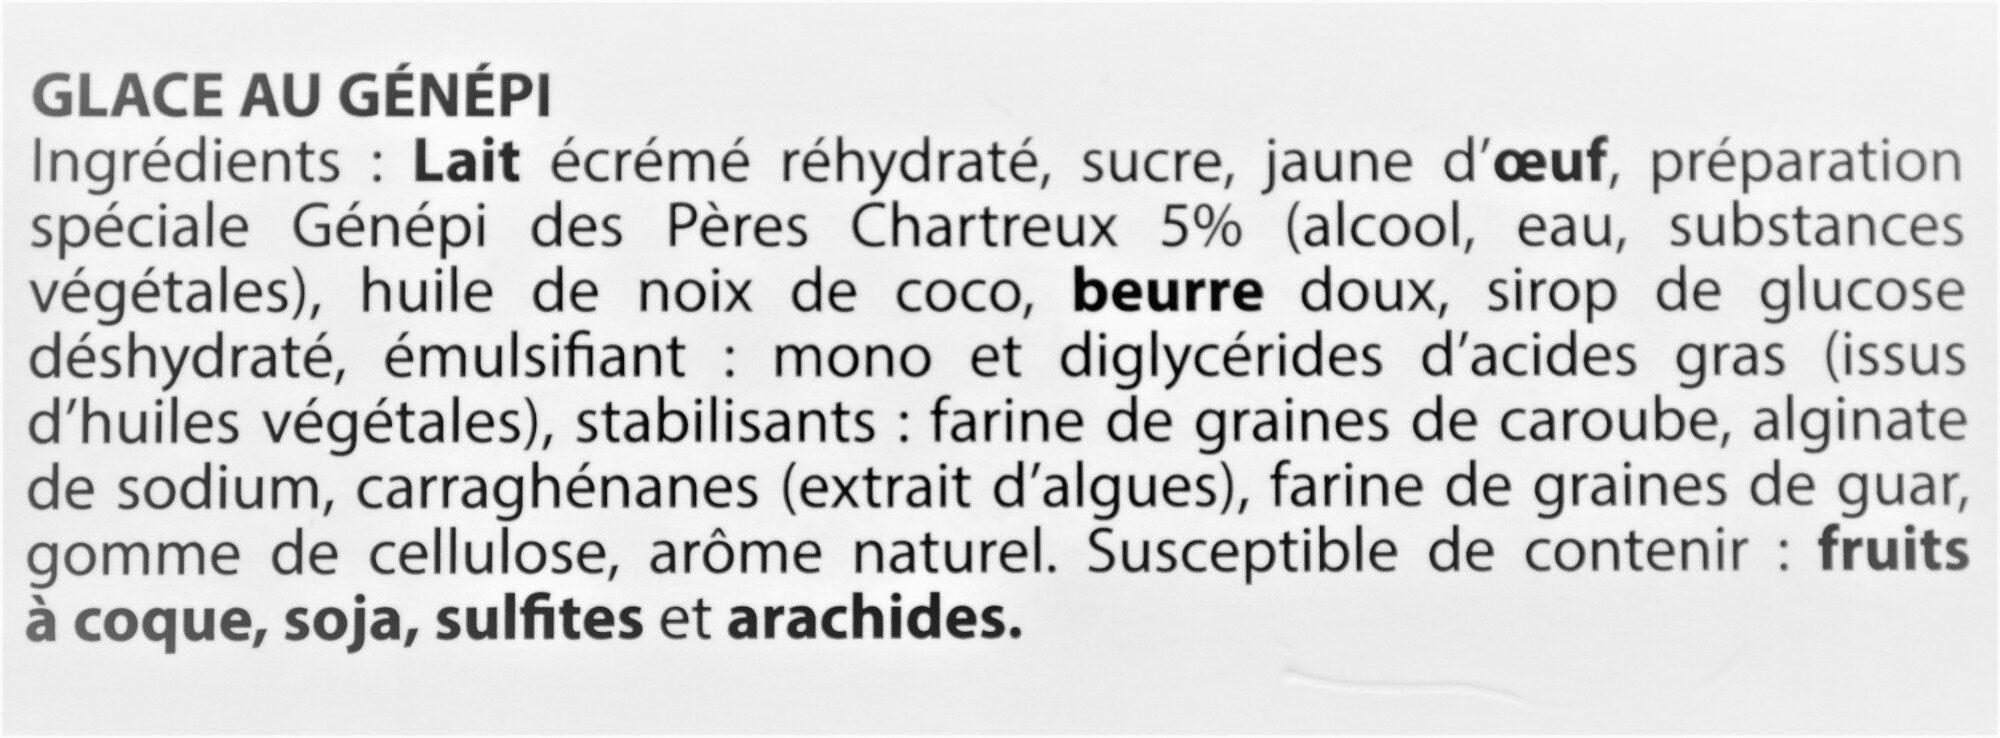 Glace GENEPI, des Pères Chartreux - Ingrédients